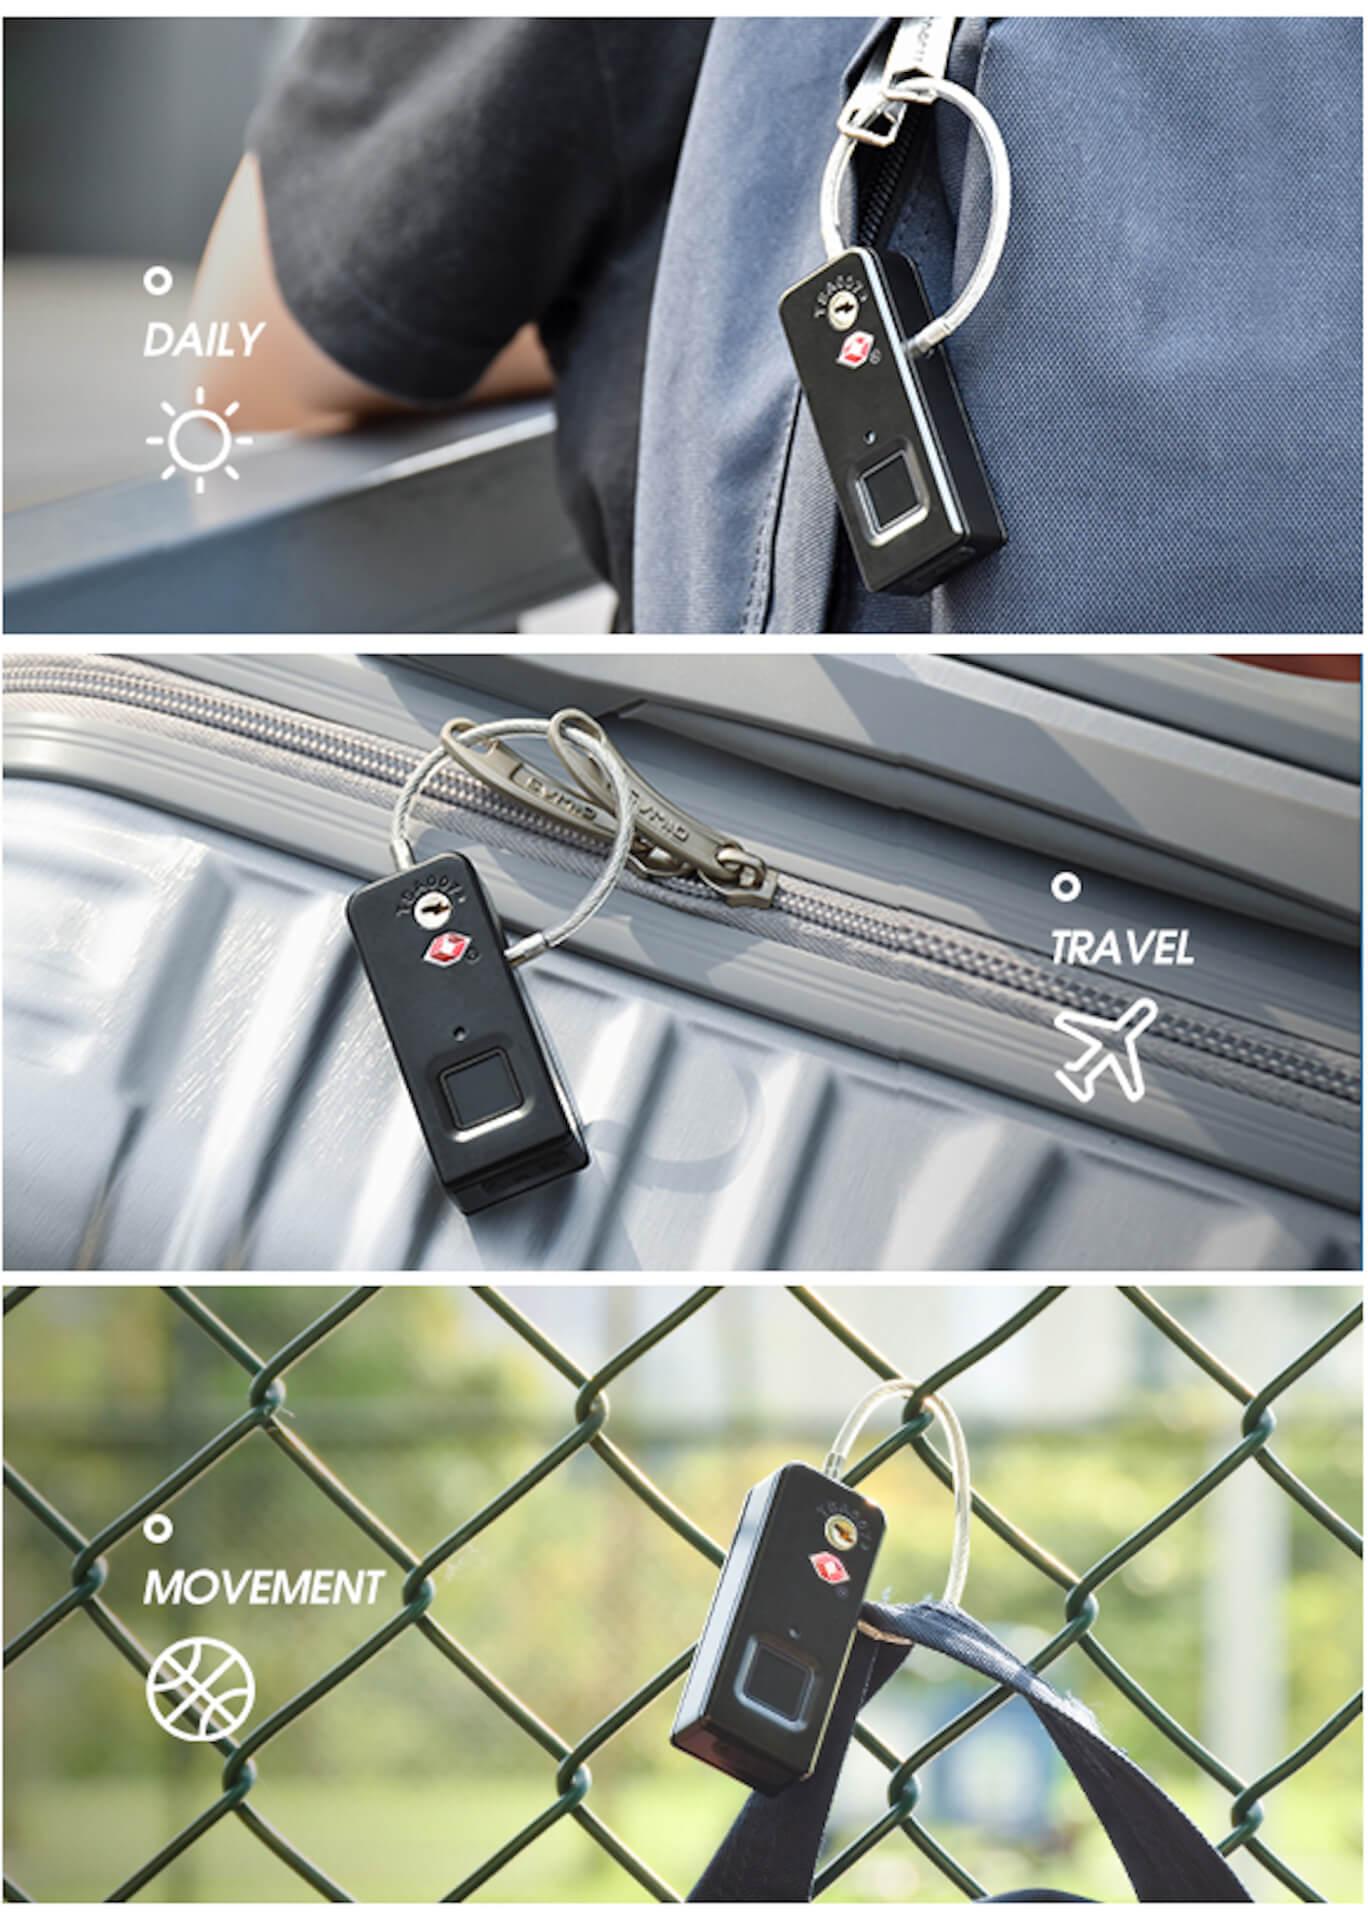 世界中で大反響の指紋で開けられるスマートロック「TRAVELOCK 2」がクラウドファンディングサイトに登場! tech190920_travellock2_2